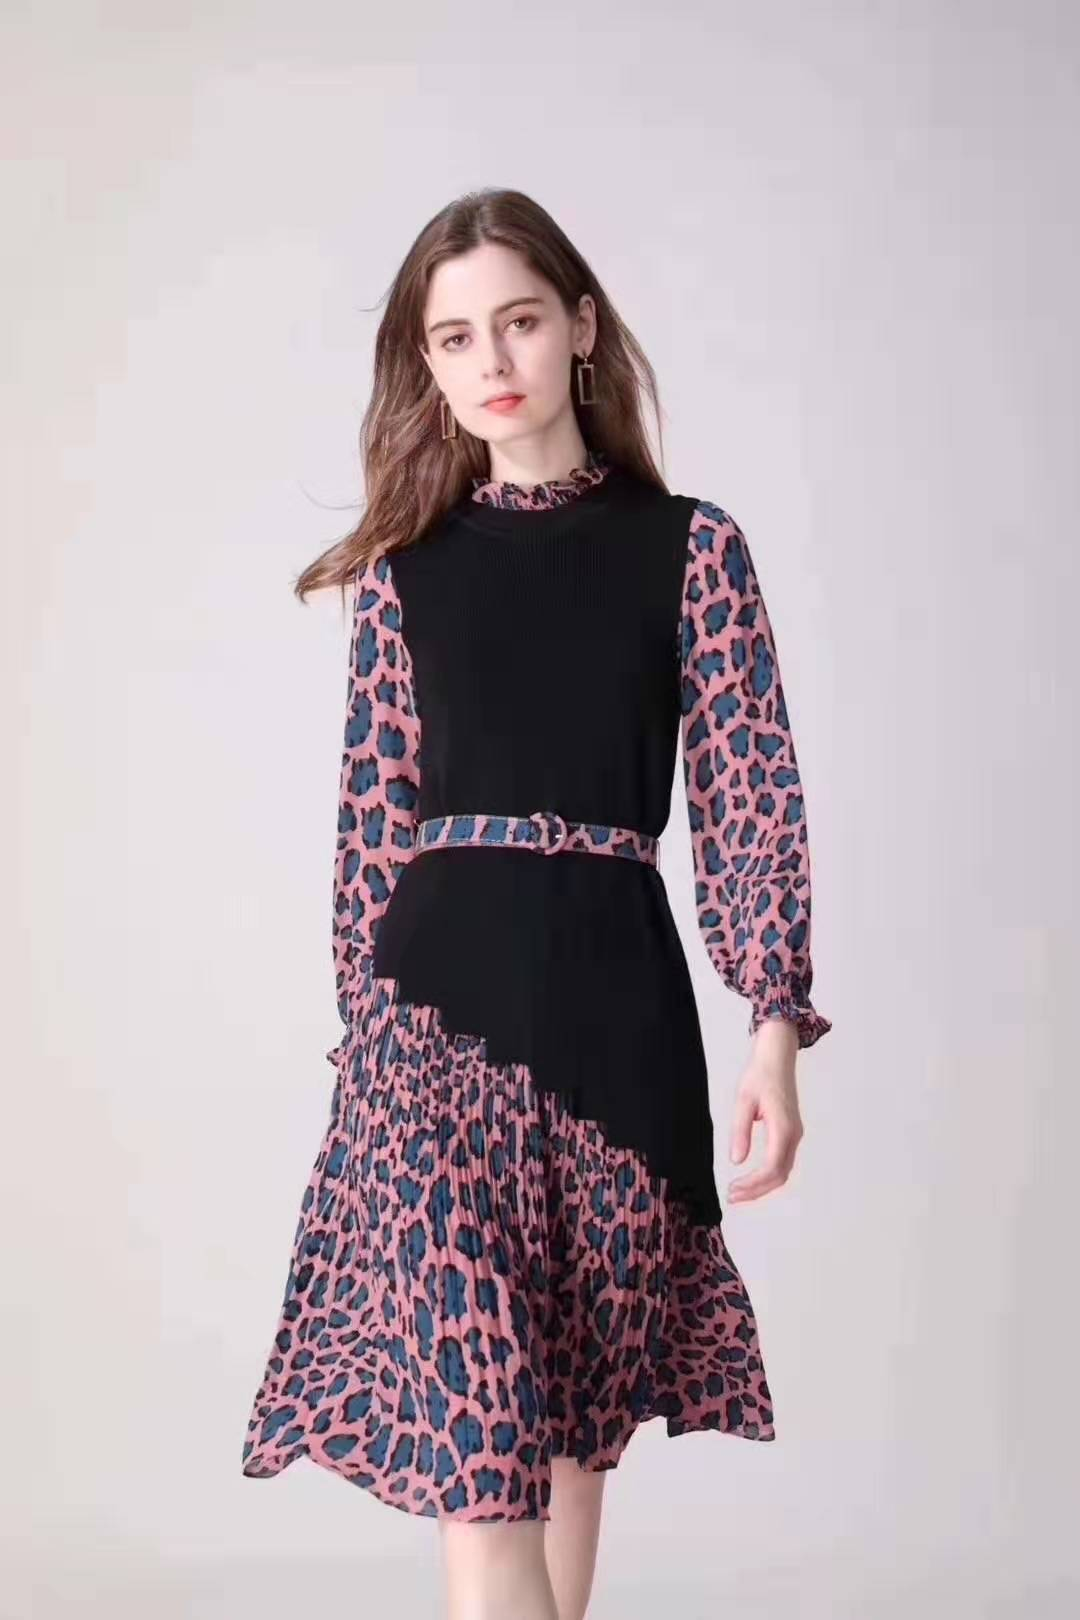 女装尾货 杭州大码女装 舒丽装点 连衣裙 专柜尾货折扣批发